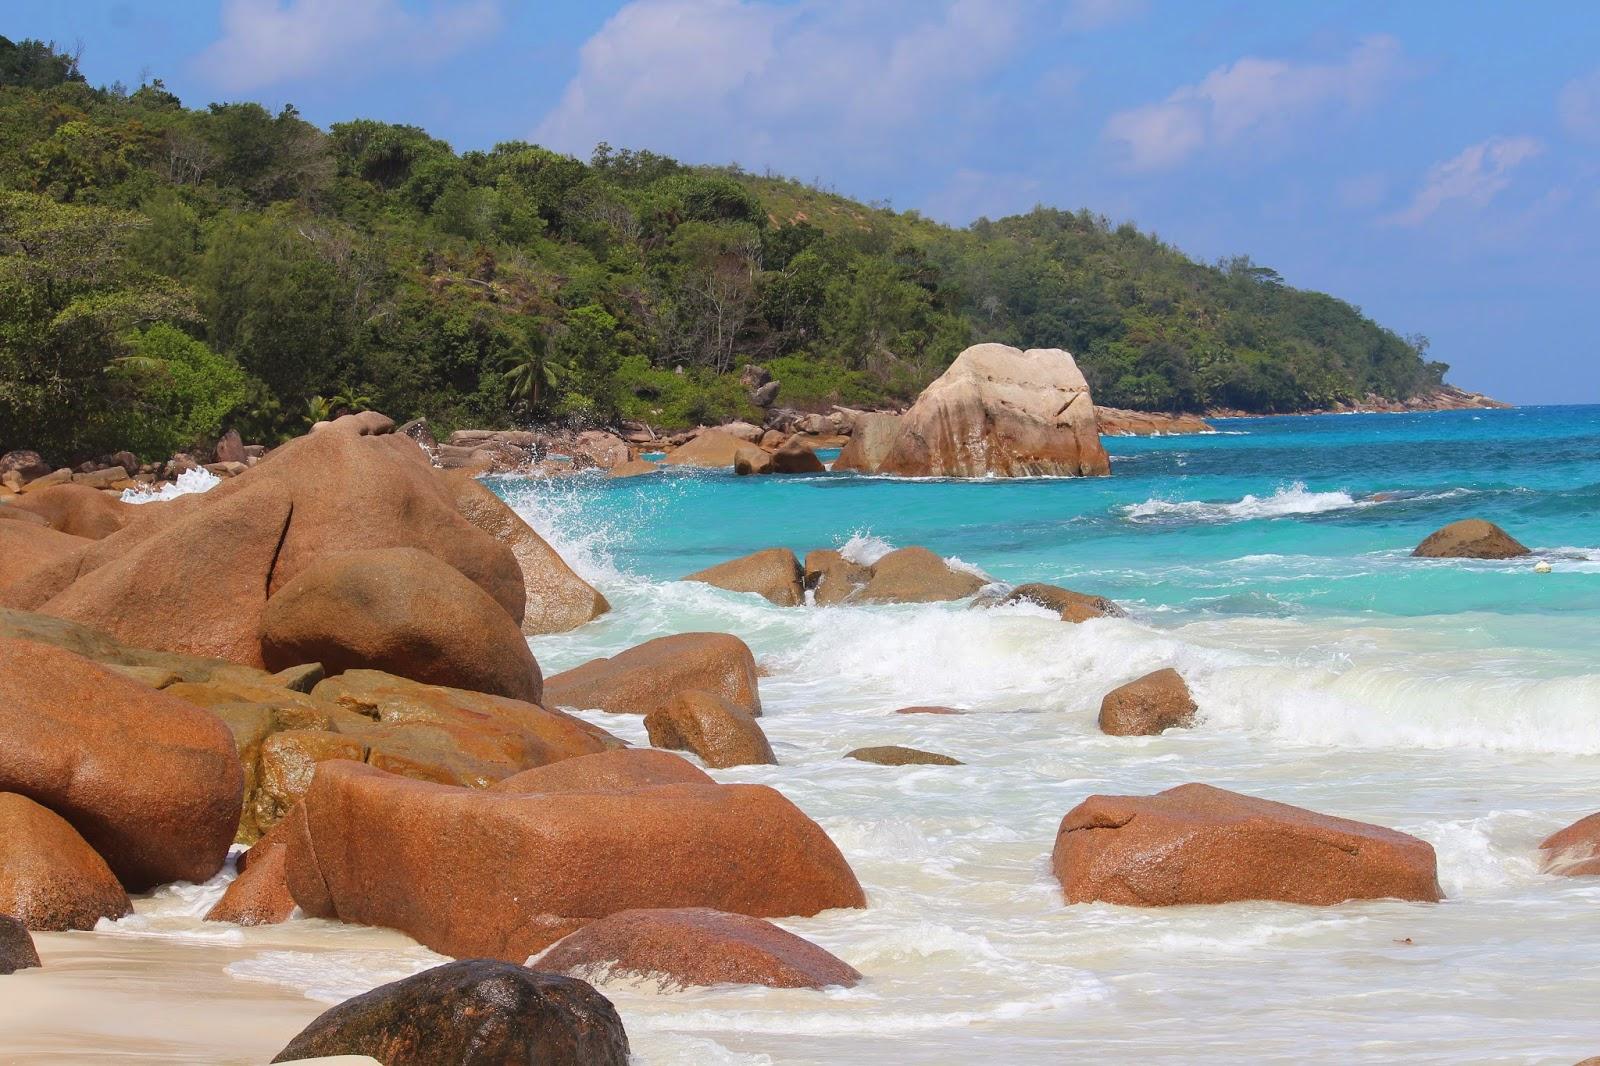 Пляжный сезон на Сейшелах